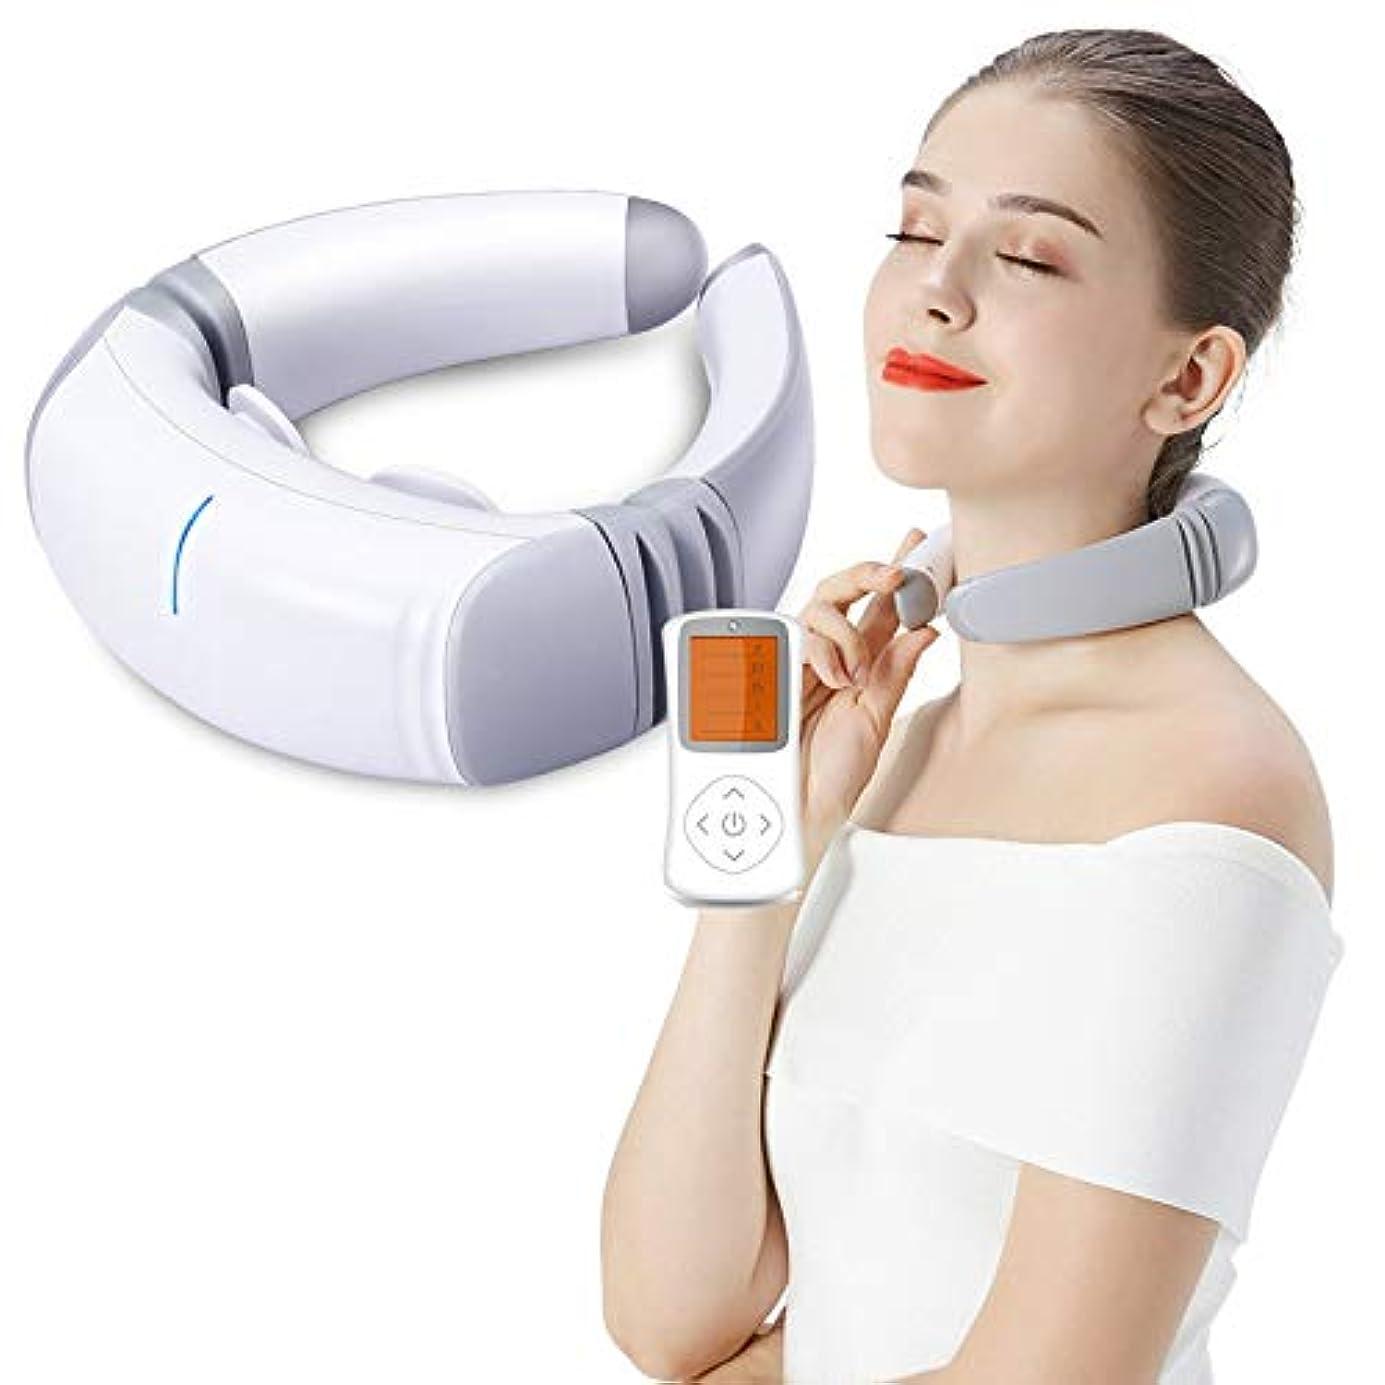 悪夢不信服を着る多機能ネックマッサージャーディープティッシュワイヤレス3D混練、子宮頸部マッサージャーホーム電子パルス車、オフィス用